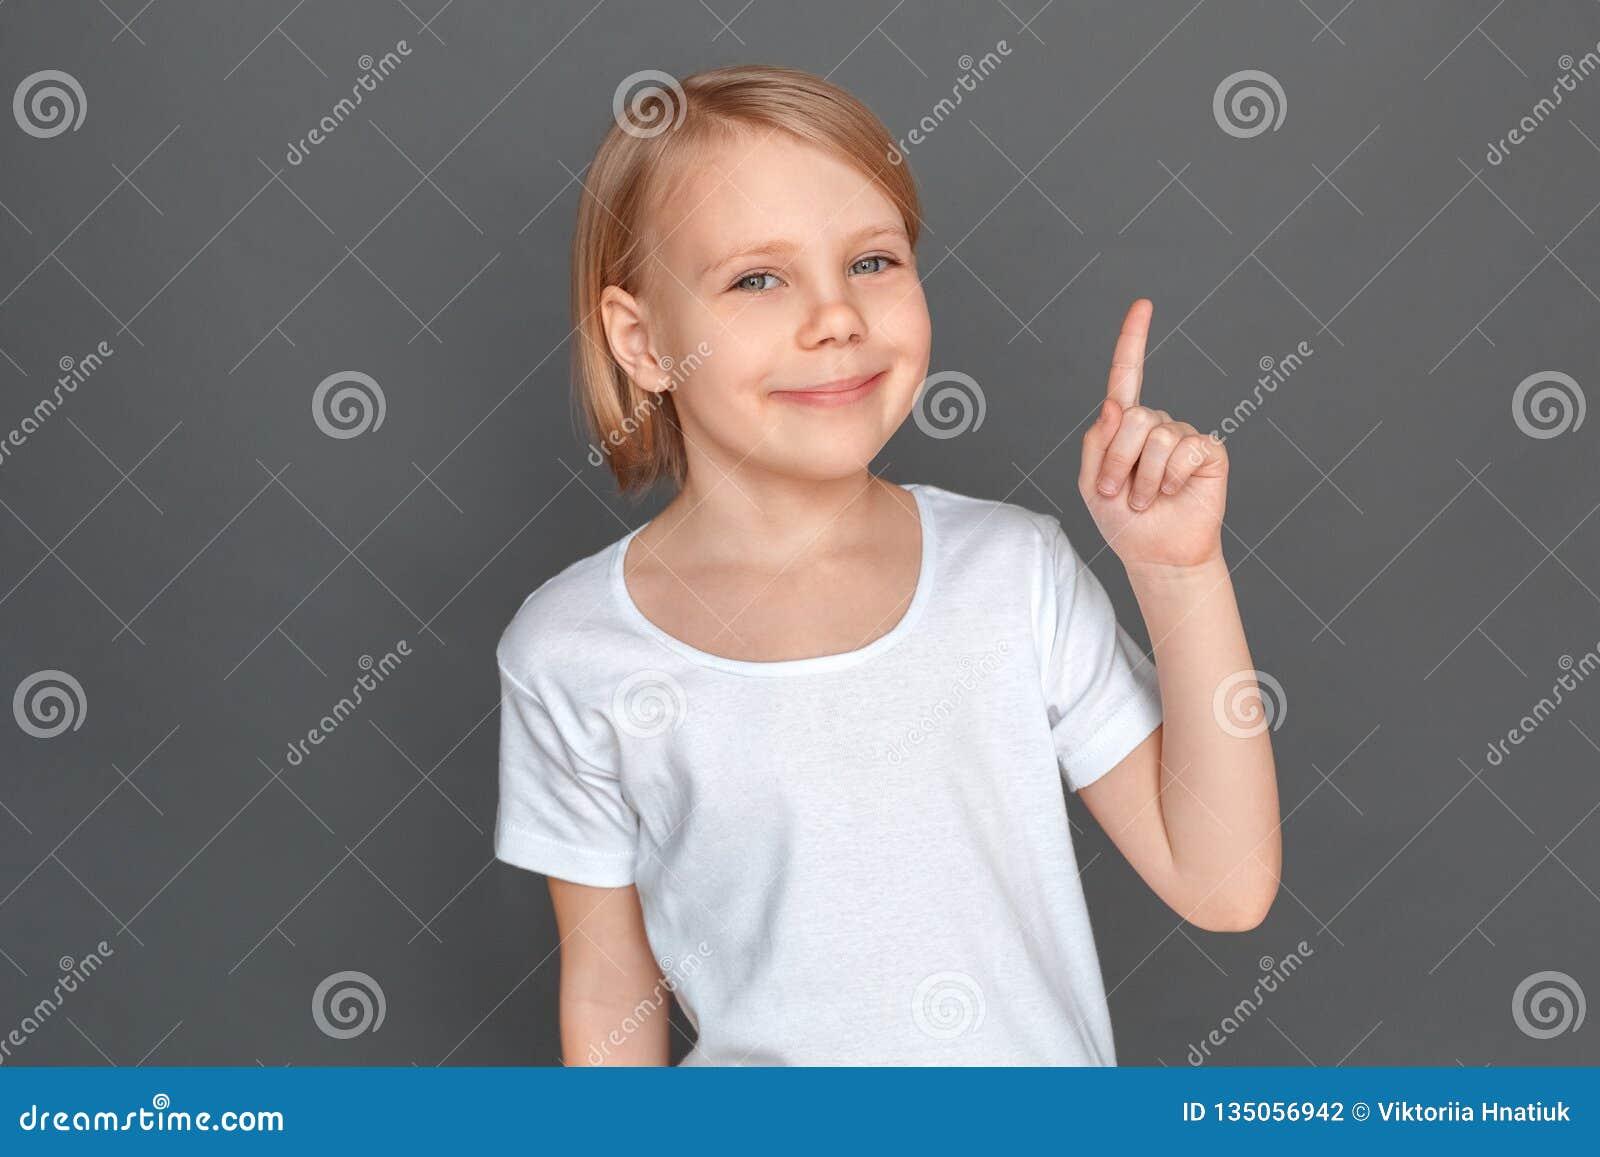 фристайл Маленькая девочка изолированная на серый указывать на конец-вверх космоса в сторону усмехаясь радостный